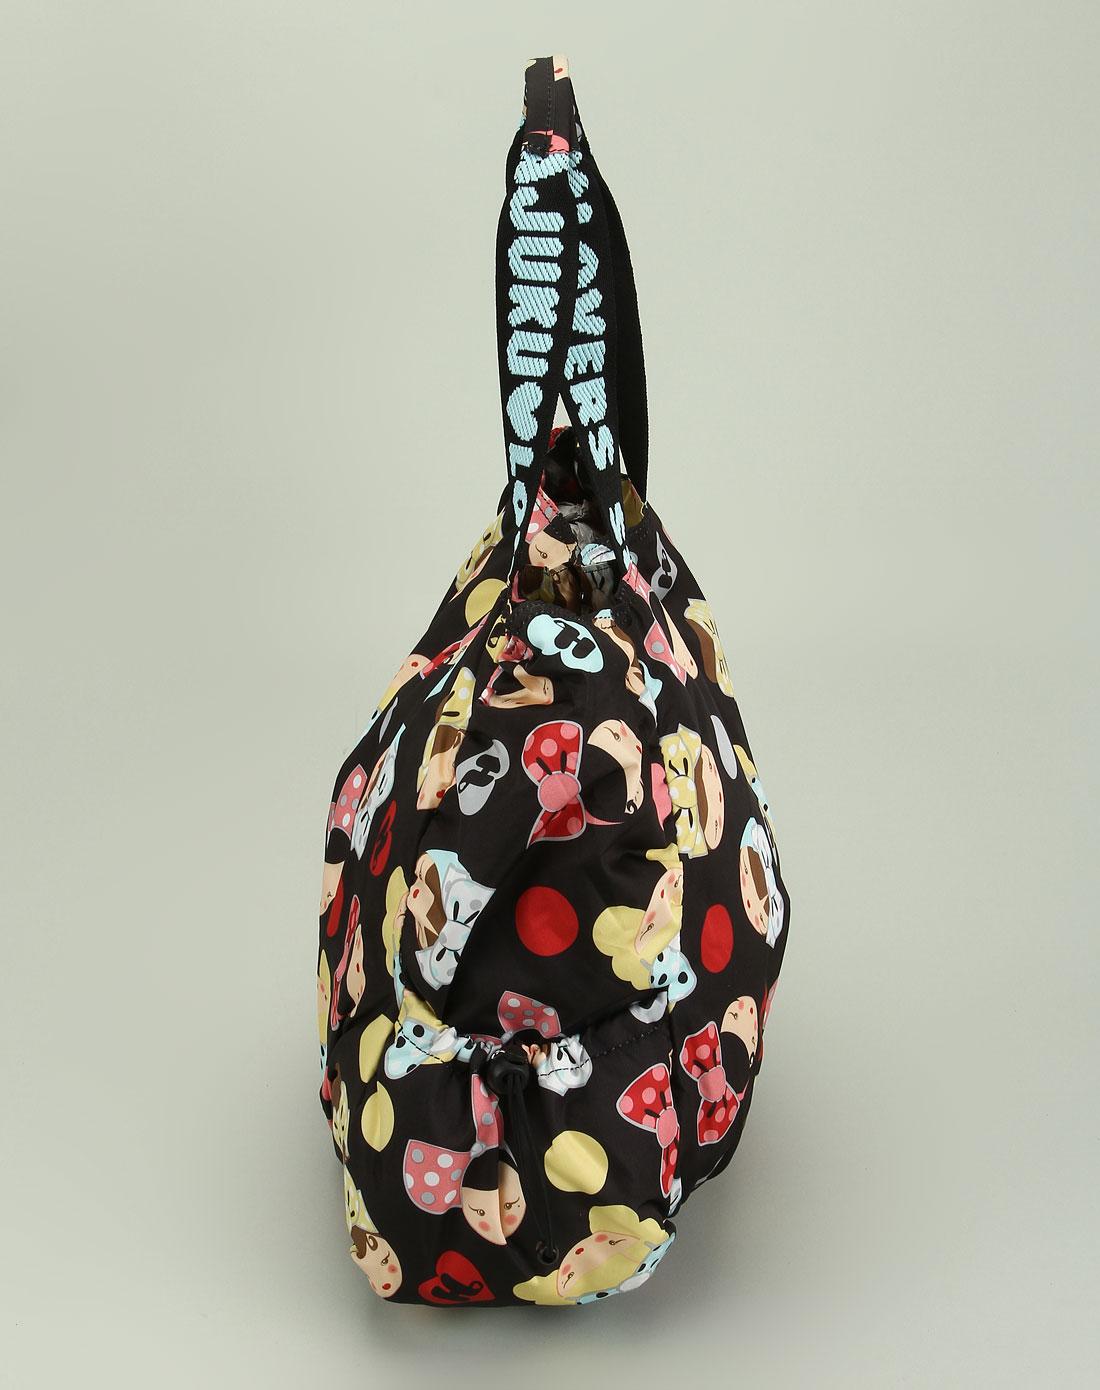 混合包包专场-harajuku 女款黑色卡通图案可爱单肩包